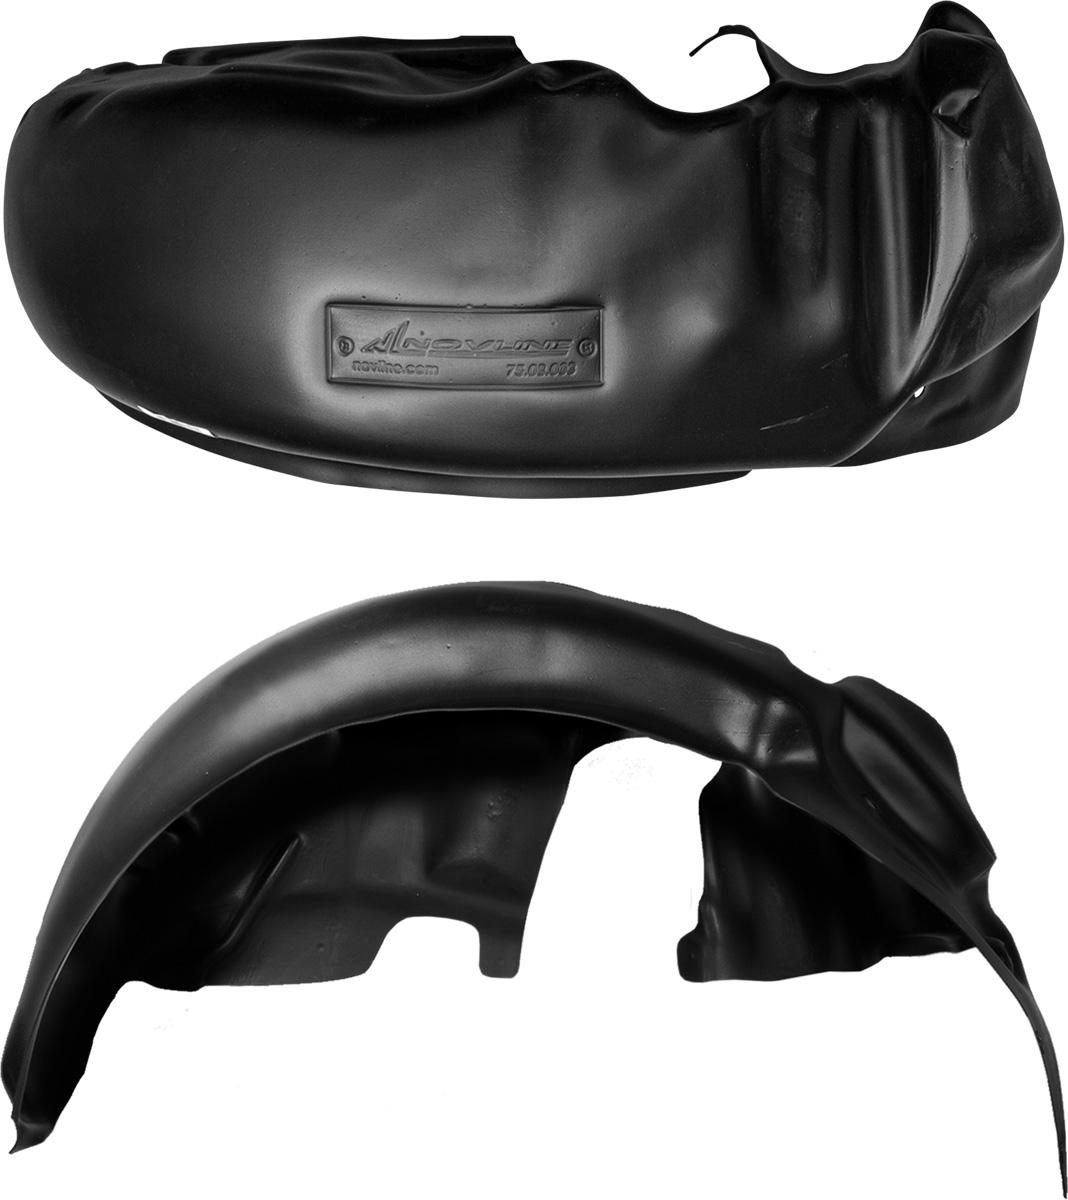 Подкрылок Novline-Autofamily, для Geely Emgrand EC7, 2011->, передний левыйNLL.75.05.001Колесные ниши - одни из самых уязвимых зон днища вашего автомобиля. Они постоянно подвергаются воздействию со стороны дороги. Лучшая, почти абсолютная защита для них - специально отформованные пластиковые кожухи, которые называются подкрылками. Производятся они как для отечественных моделей автомобилей, так и для иномарок. Подкрылки Novline-Autofamily выполнены из высококачественного, экологически чистого пластика. Обеспечивают надежную защиту кузова автомобиля от пескоструйного эффекта и негативного влияния, агрессивных антигололедных реагентов. Пластик обладает более низкой теплопроводностью, чем металл, поэтому в зимний период эксплуатации использование пластиковых подкрылков позволяет лучше защитить колесные ниши от налипания снега и образования наледи. Оригинальность конструкции подчеркивает элегантность автомобиля, бережно защищает нанесенное на днище кузова антикоррозийное покрытие и позволяет осуществить крепление подкрылков внутри колесной арки практически без дополнительного крепежа и сверления, не нарушая при этом лакокрасочного покрытия, что предотвращает возникновение новых очагов коррозии. Подкрылки долговечны, обладают высокой прочностью и сохраняют заданную форму, а также все свои физико-механические характеристики в самых тяжелых климатических условиях (от -50°С до +50°С).Уважаемые клиенты!Обращаем ваше внимание, на тот факт, что подкрылок имеет форму, соответствующую модели данного автомобиля. Фото служит для визуального восприятия товара.